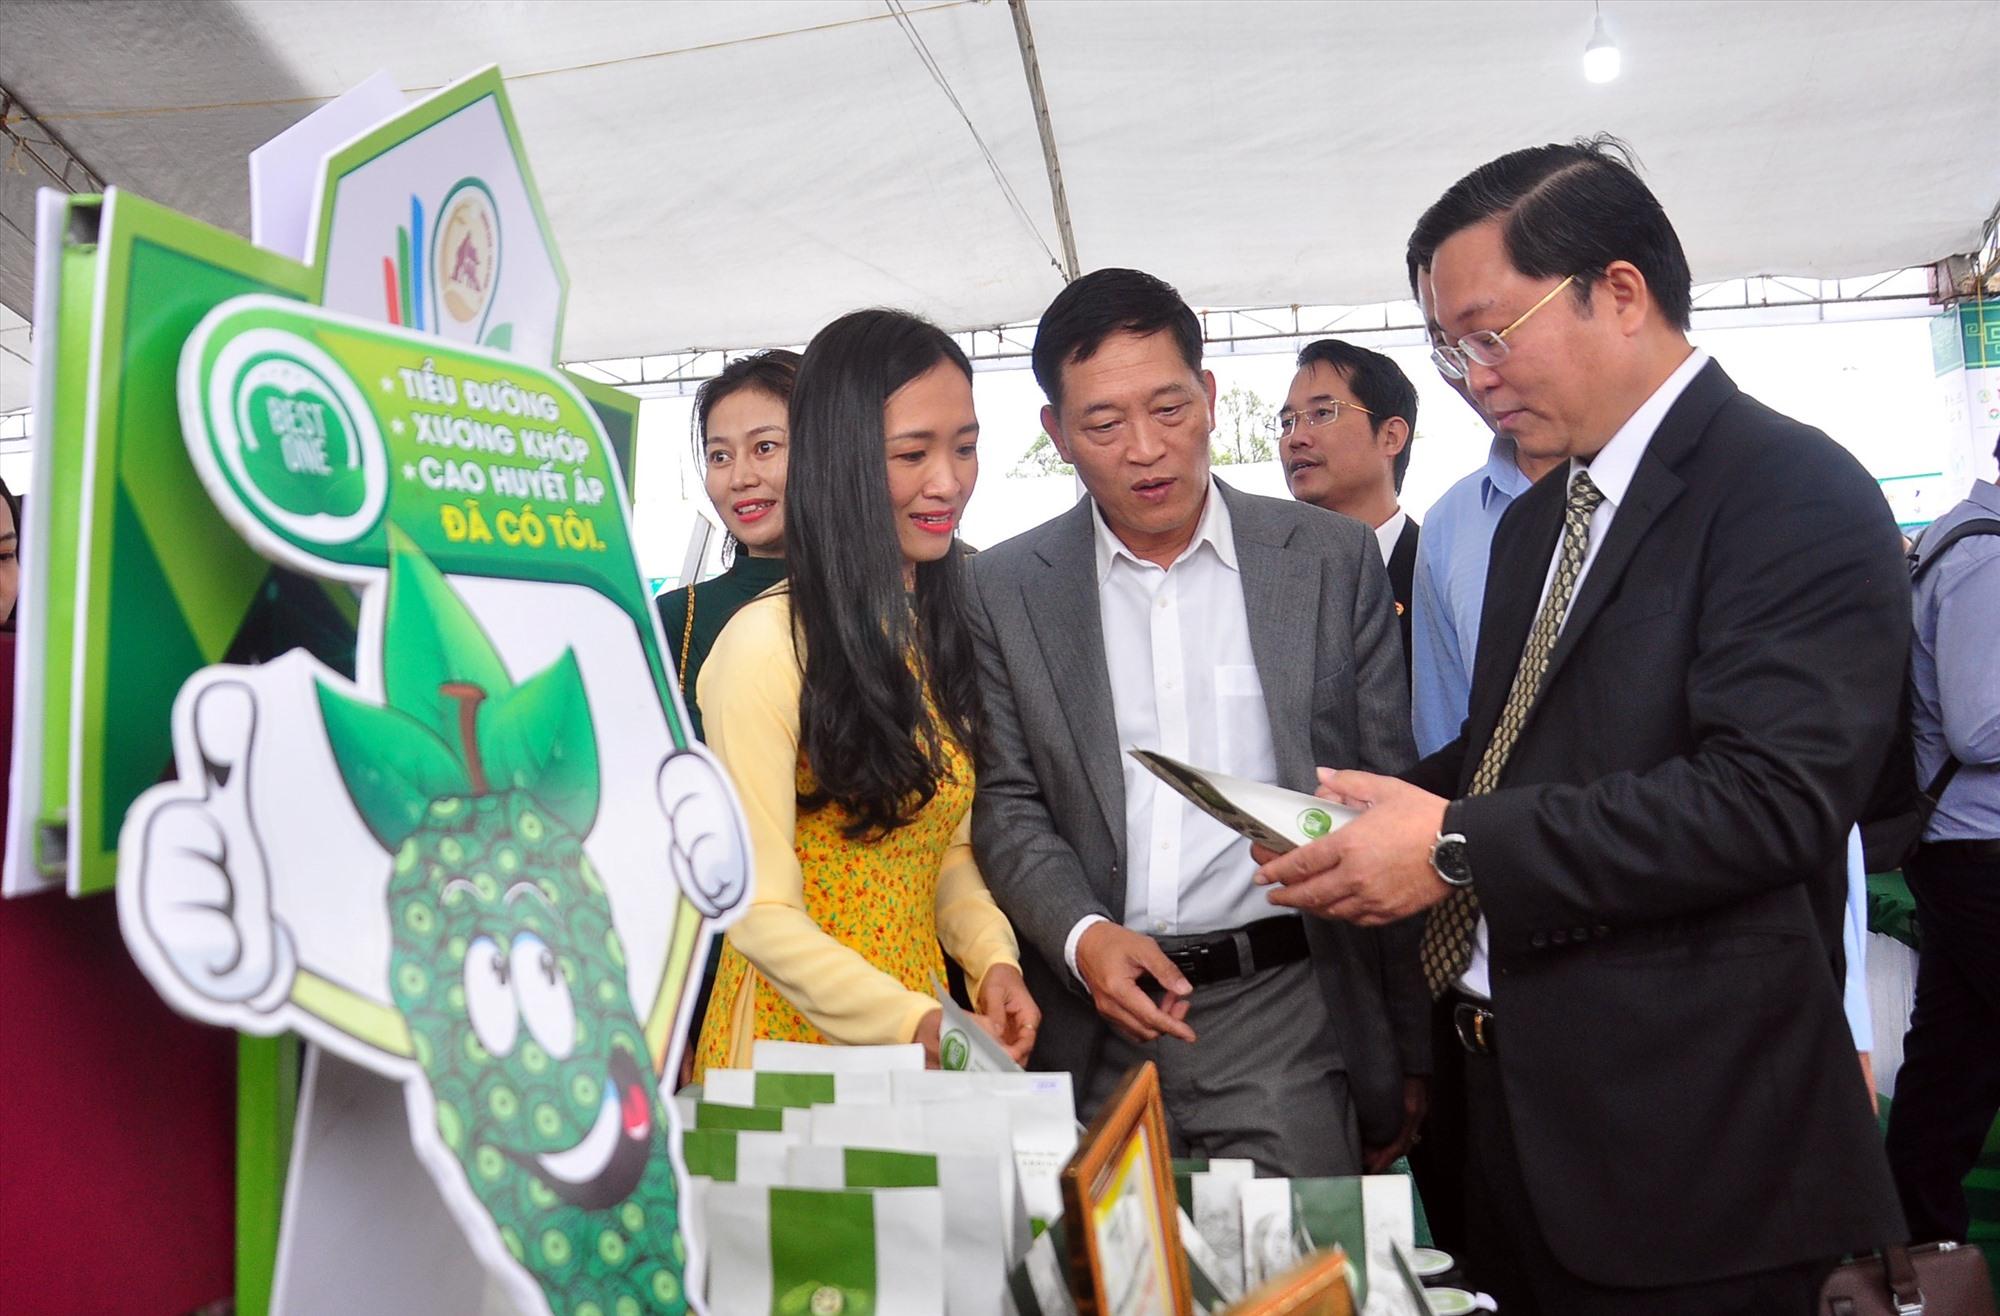 Lãnh đạo tỉnh và Bộ KH-CN tham quan các gian trưng bày sản phẩm OCOP, sản phẩm khởi nghiệp tại Techfest Quang Nam 2021. Ảnh: ANH CÔNG